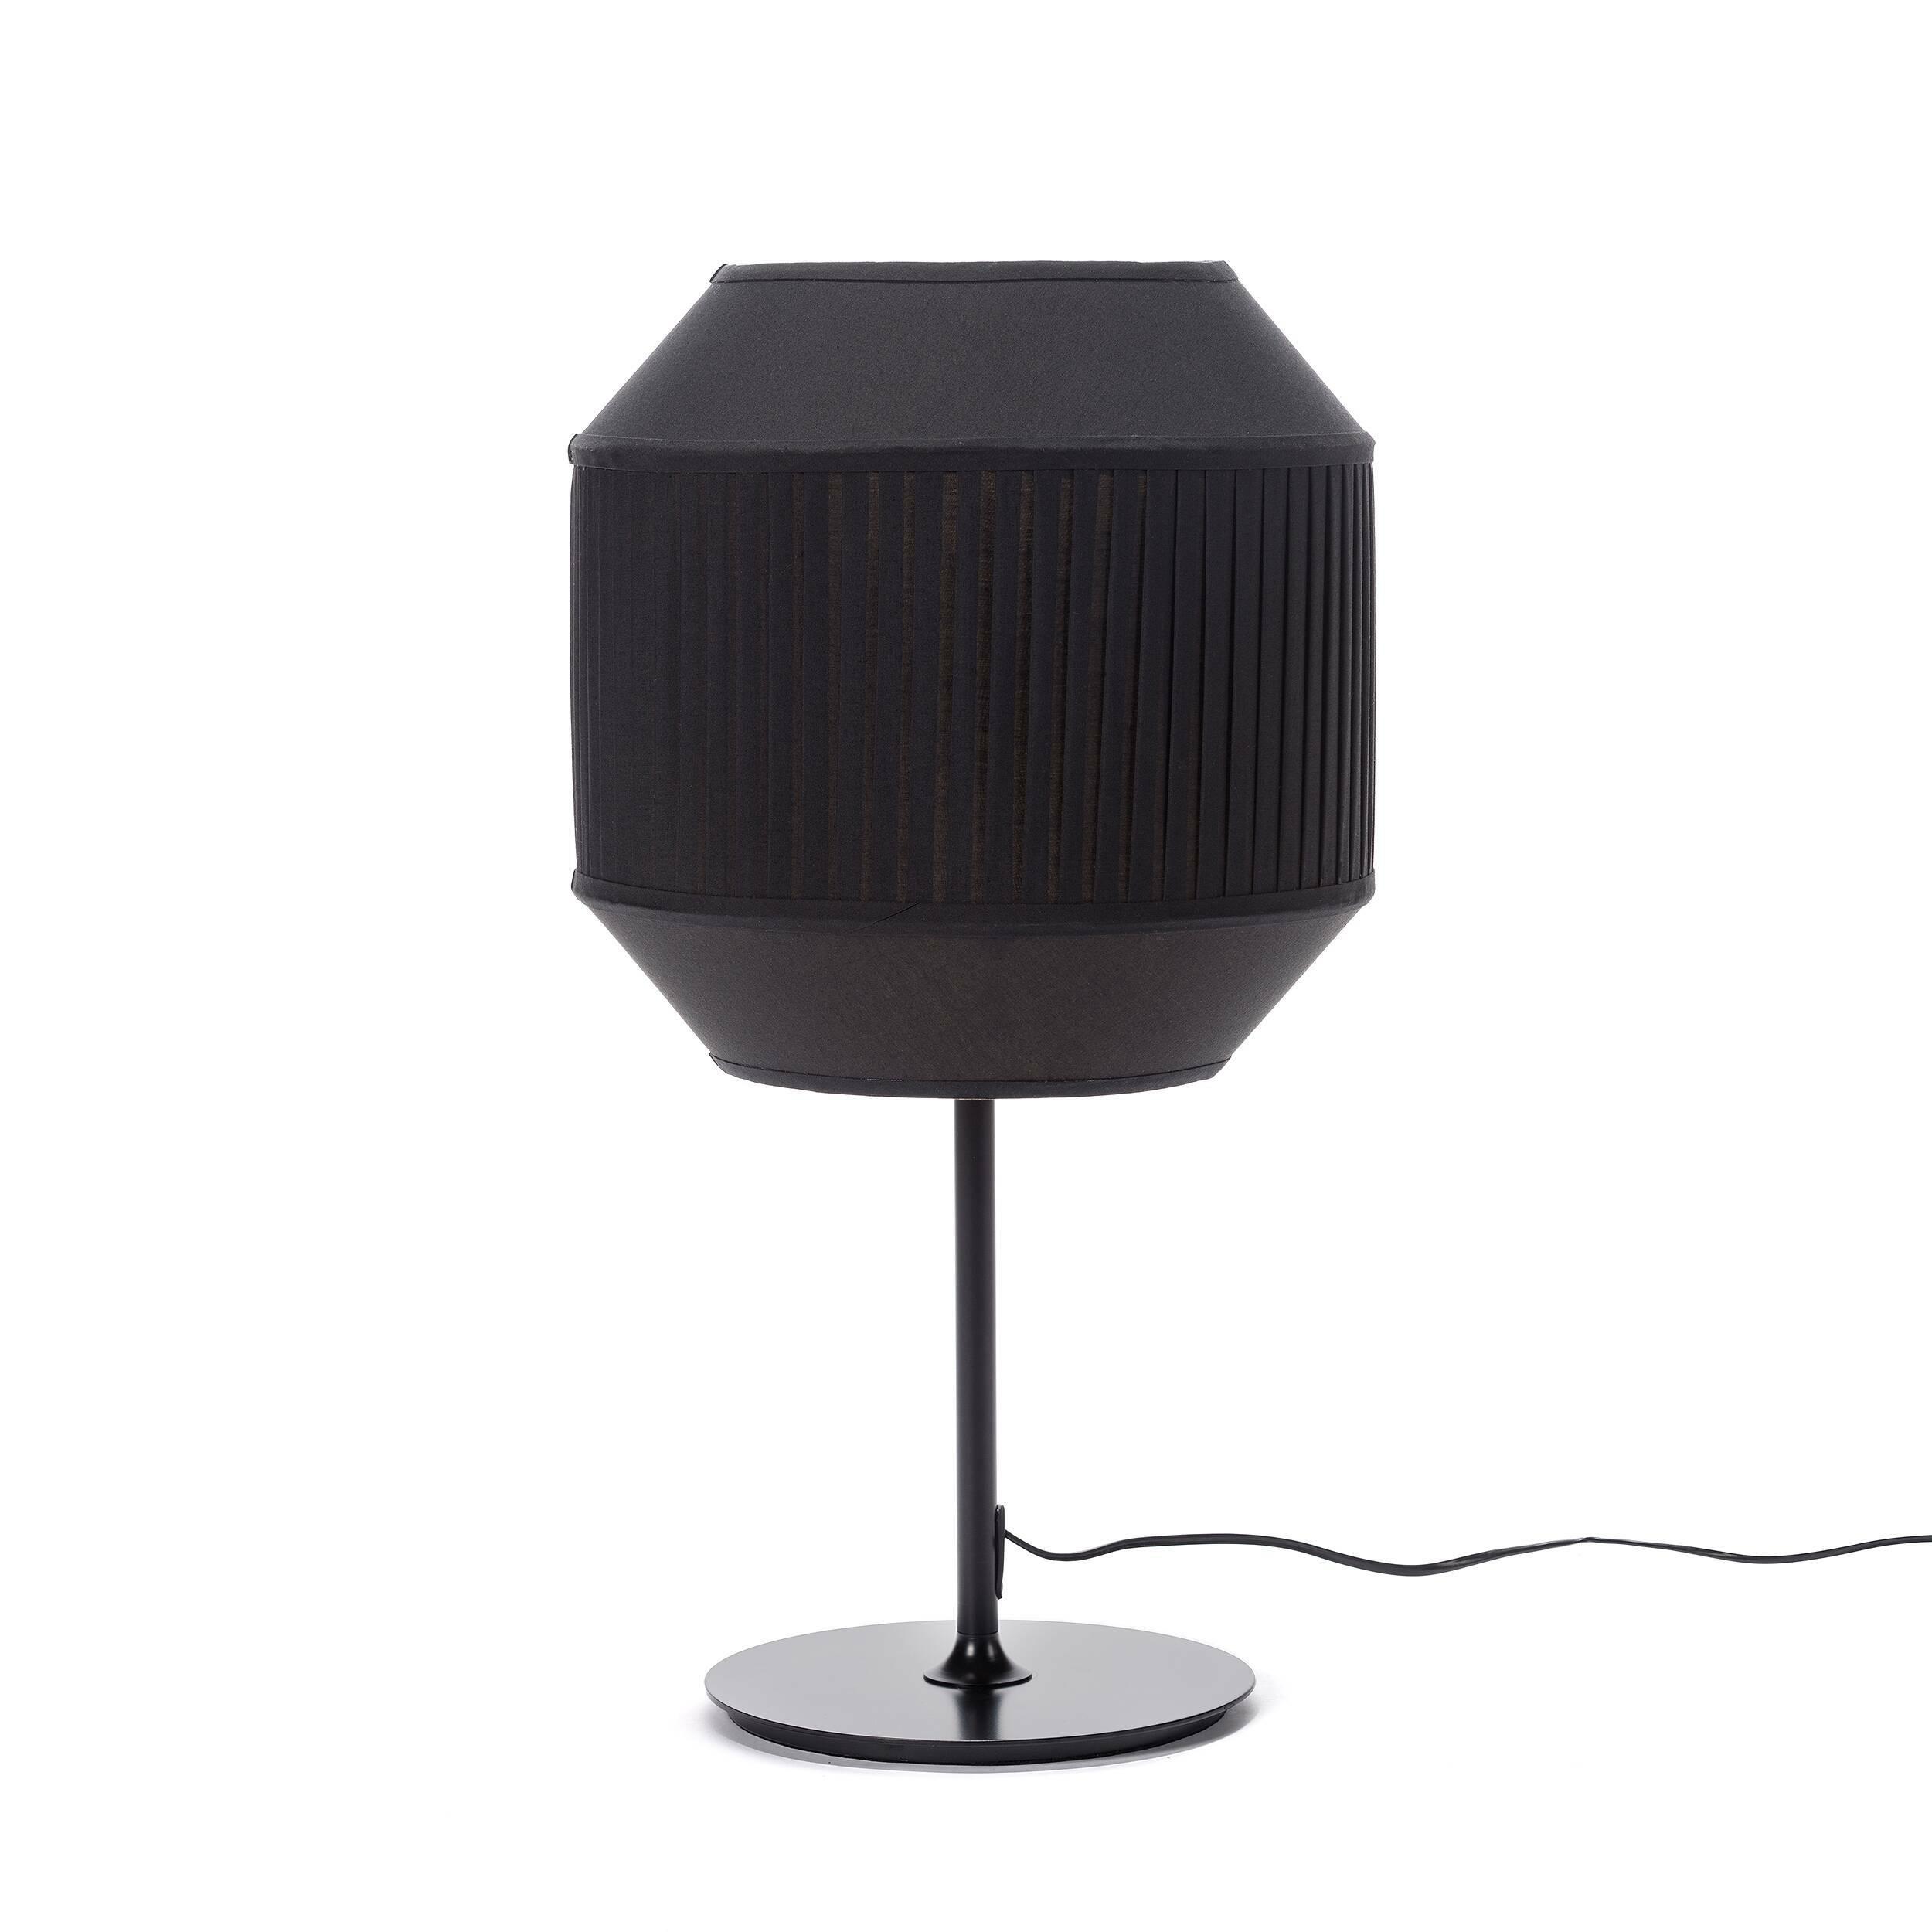 Настольная лампа Delta Table кольца кюз дельта 114454 d